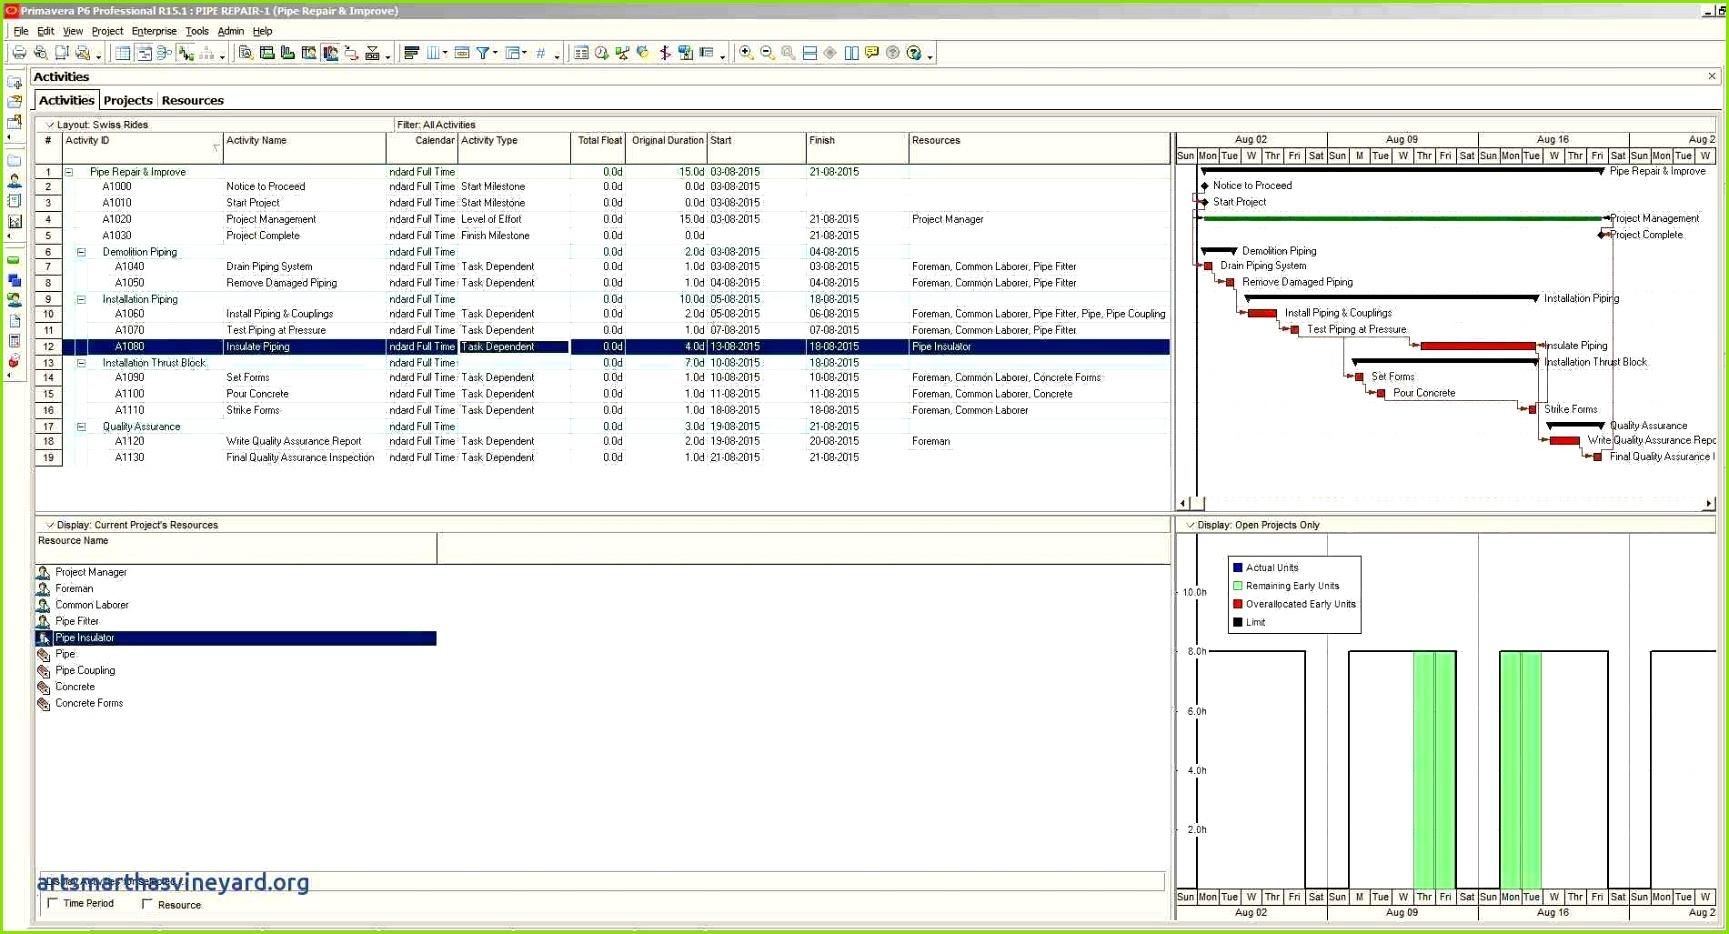 Professionelle Powerpoint Vorlagen Herunterladbare Executive Summary Ppt Template Inspirational Powerpoint Dashboard 30 Die Besten Professionelle